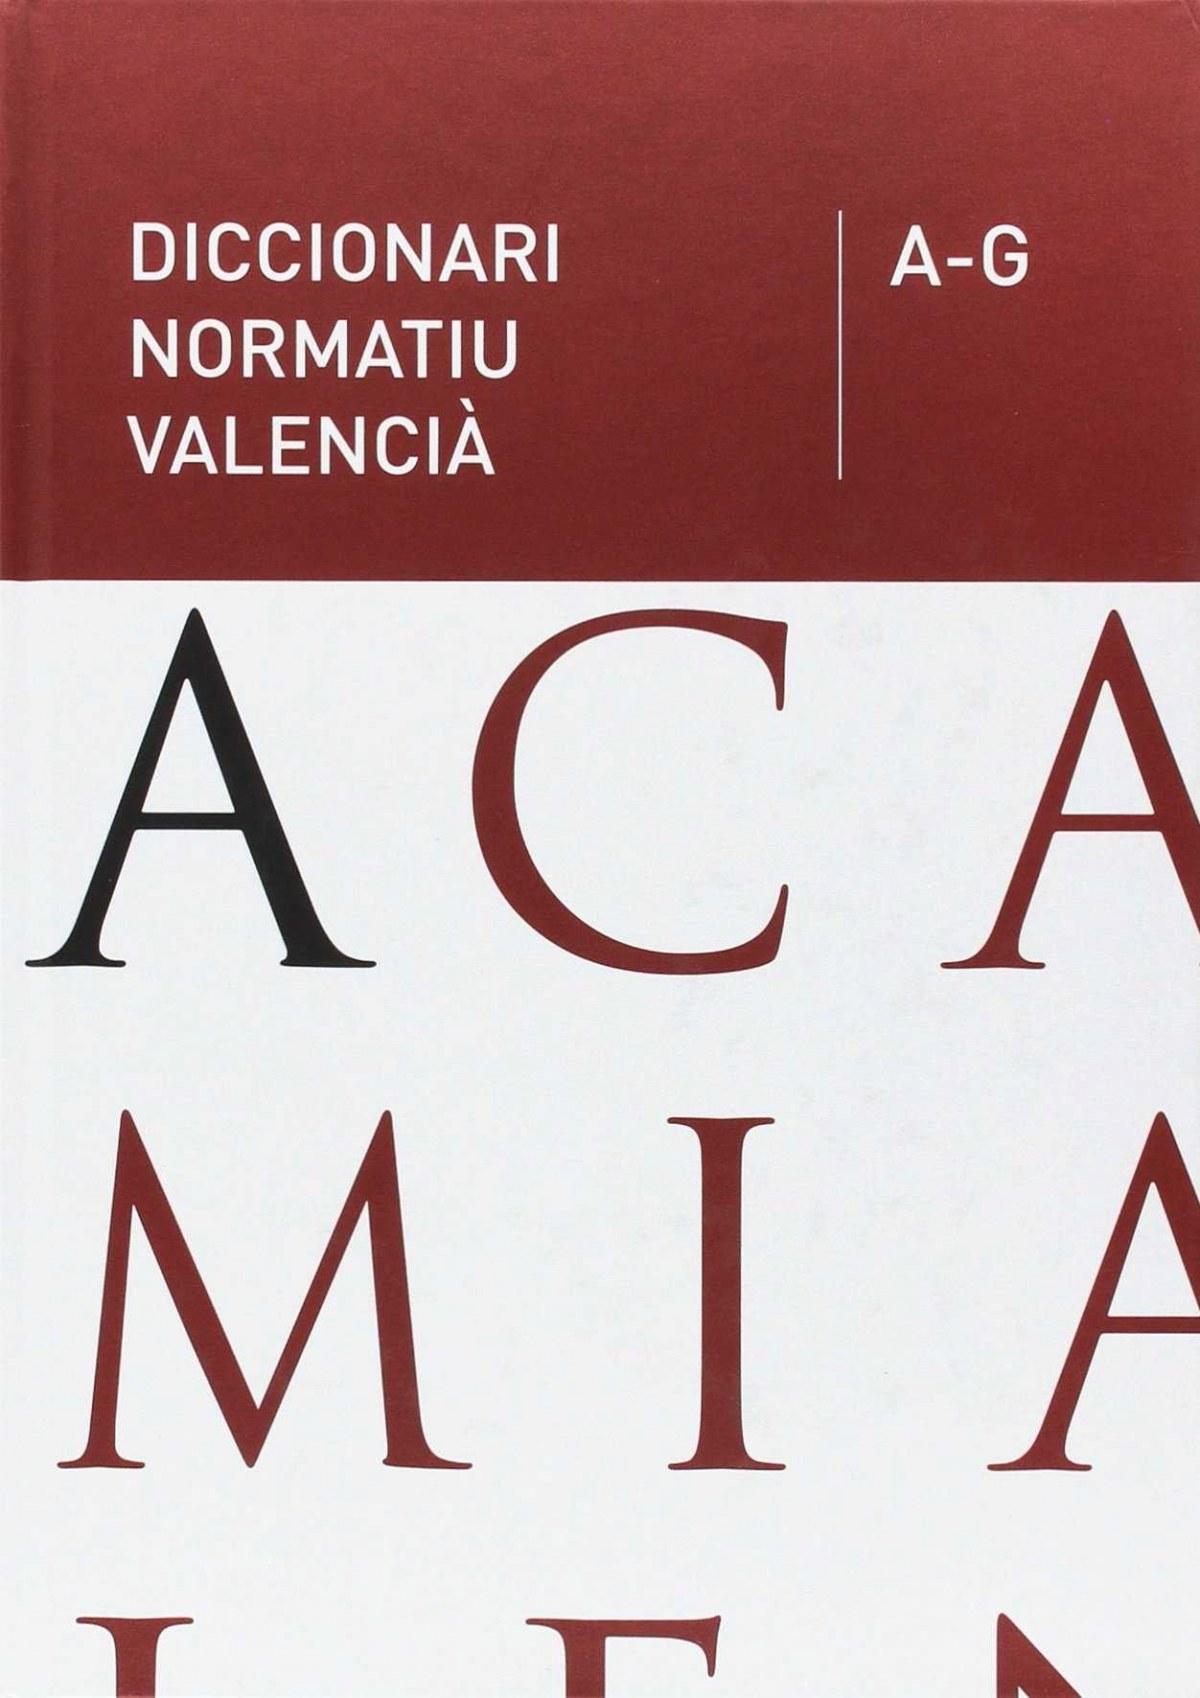 diccionari normatiu valencia